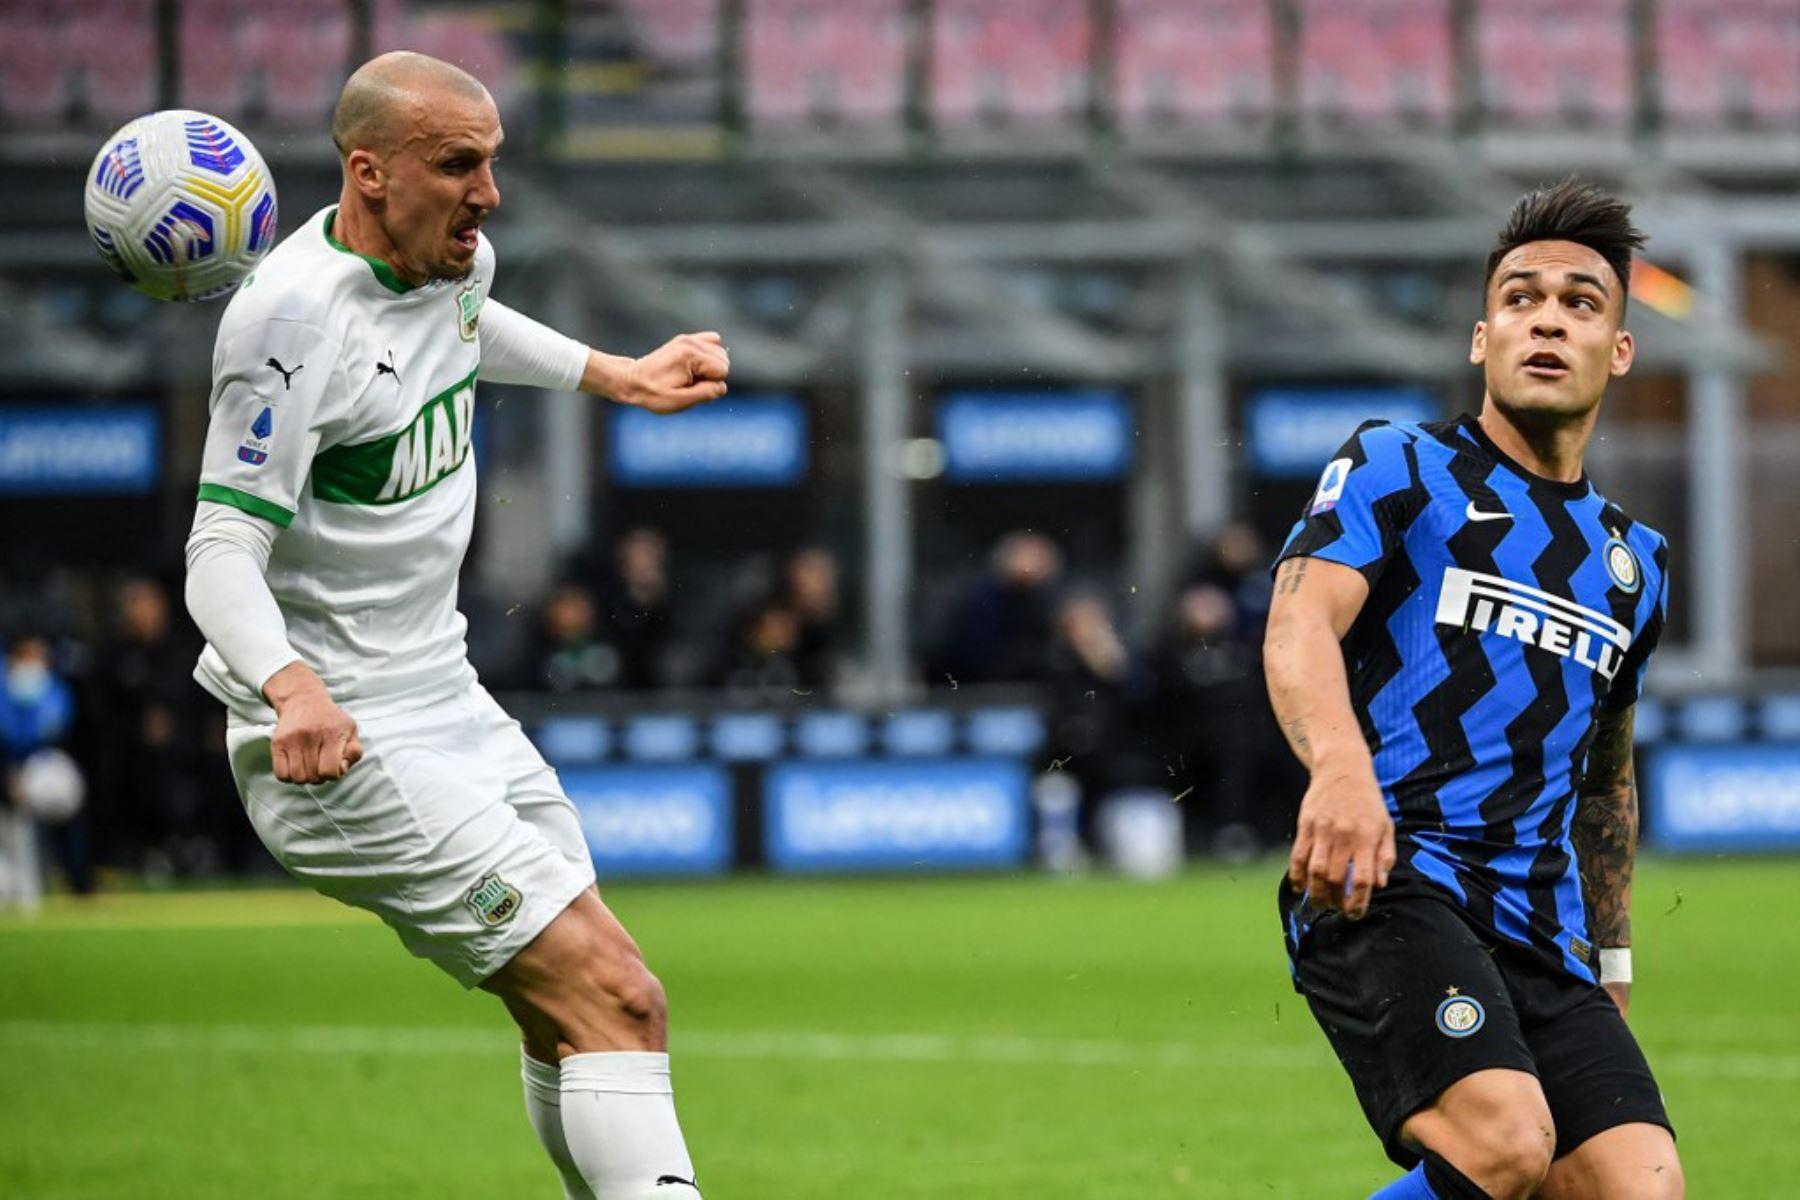 El defensor rumano de Sassuolo Vlad Chiriches (L) y el delantero argentino del Inter de Milán Lautaro Martínez van por el balón durante el partido de fútbol de la Serie A italiana Inter de Milán vs Sassuolo.  Foto:AFP